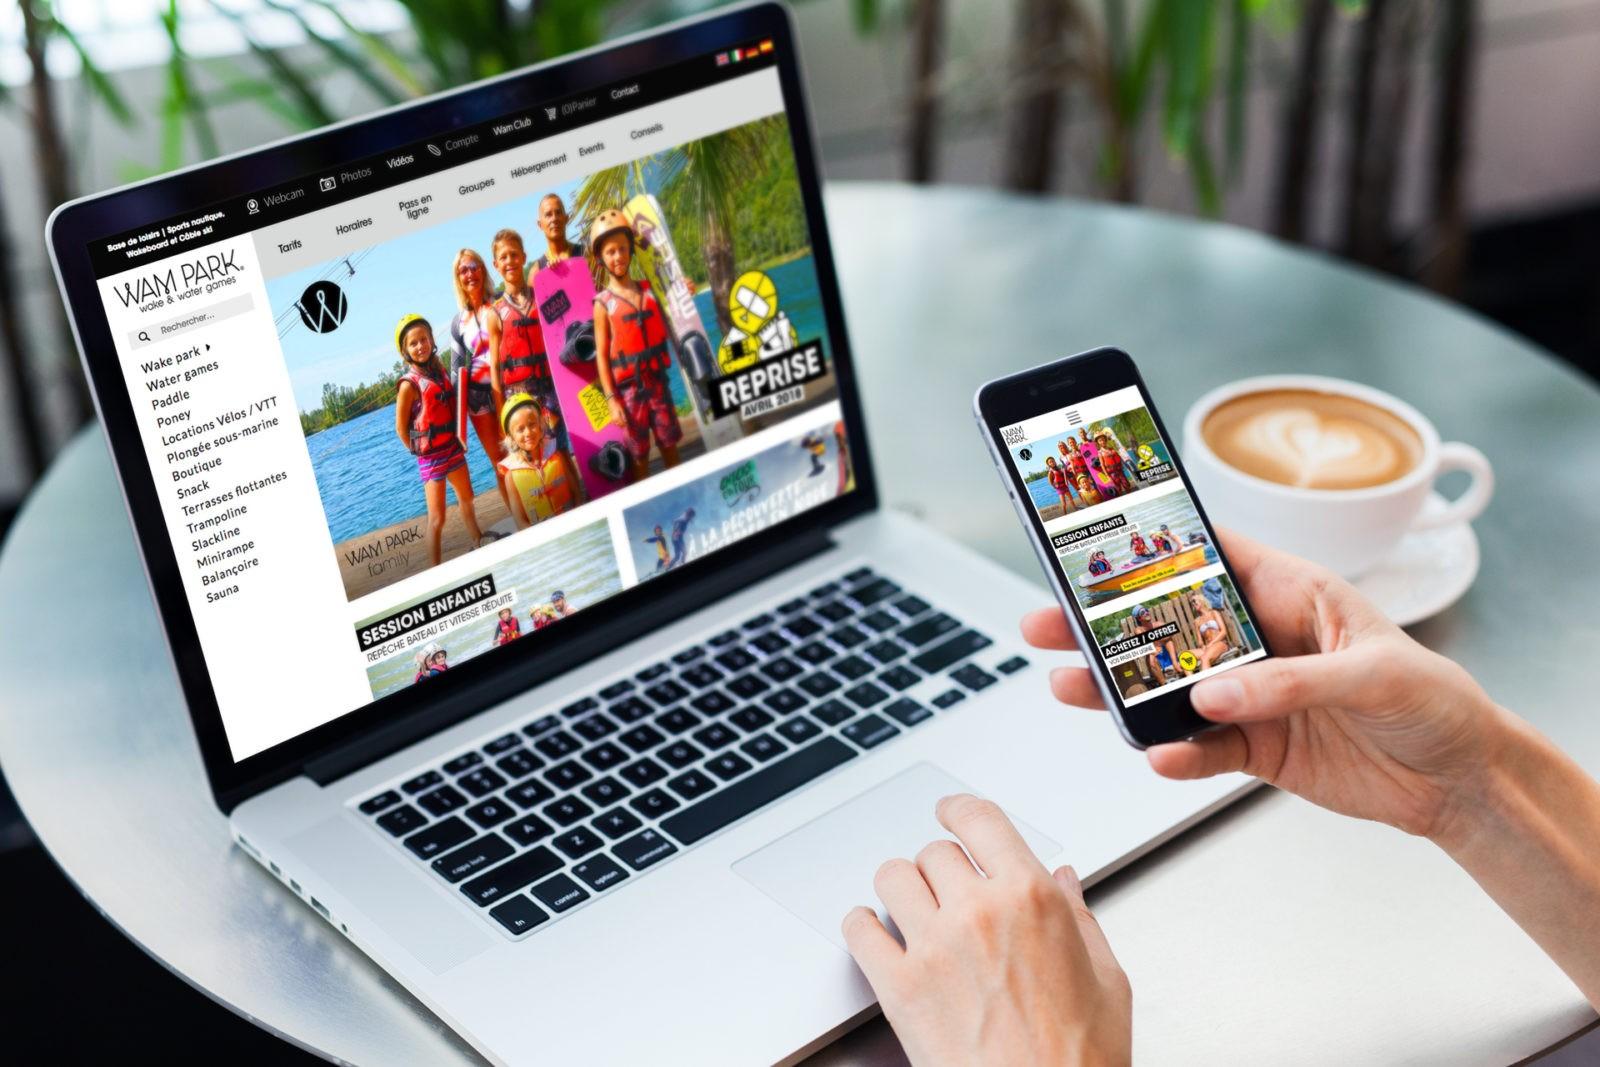 Création de site Web E commerce pour base de loisir wakepark en Savoie WAM PARK